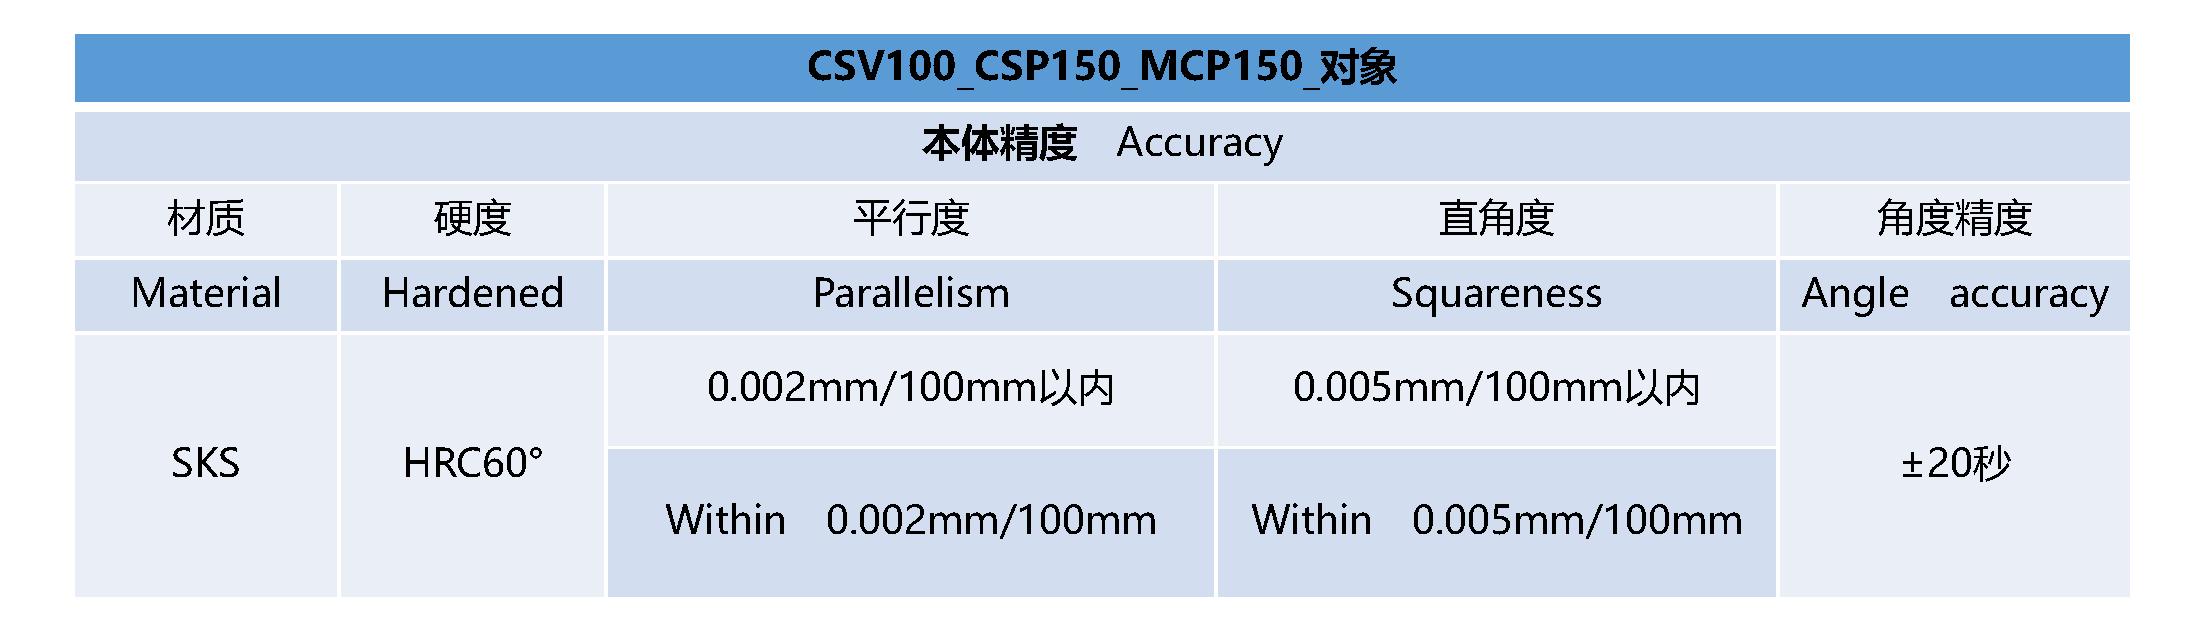 CSV100_CSP150_MCP150__精度表- 中文.png